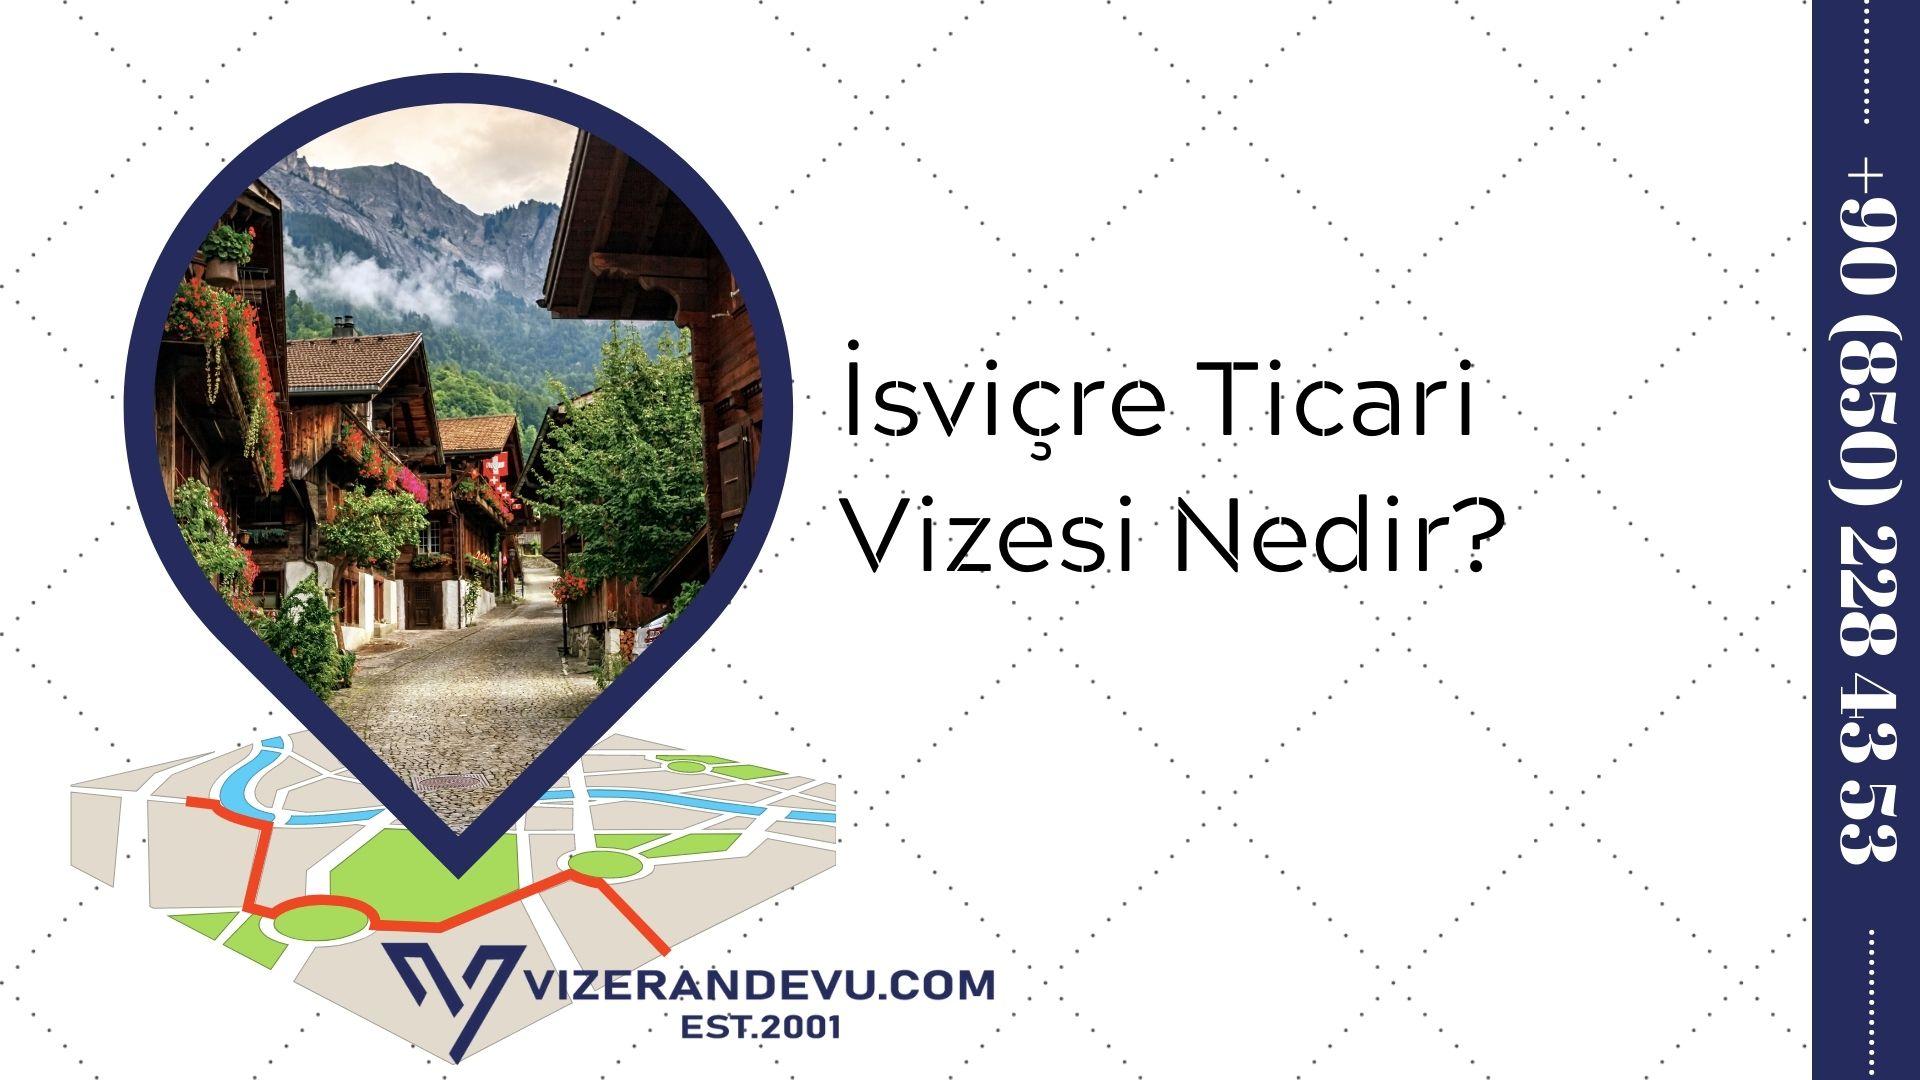 İsviçre Ticari Vizesi Nedir?